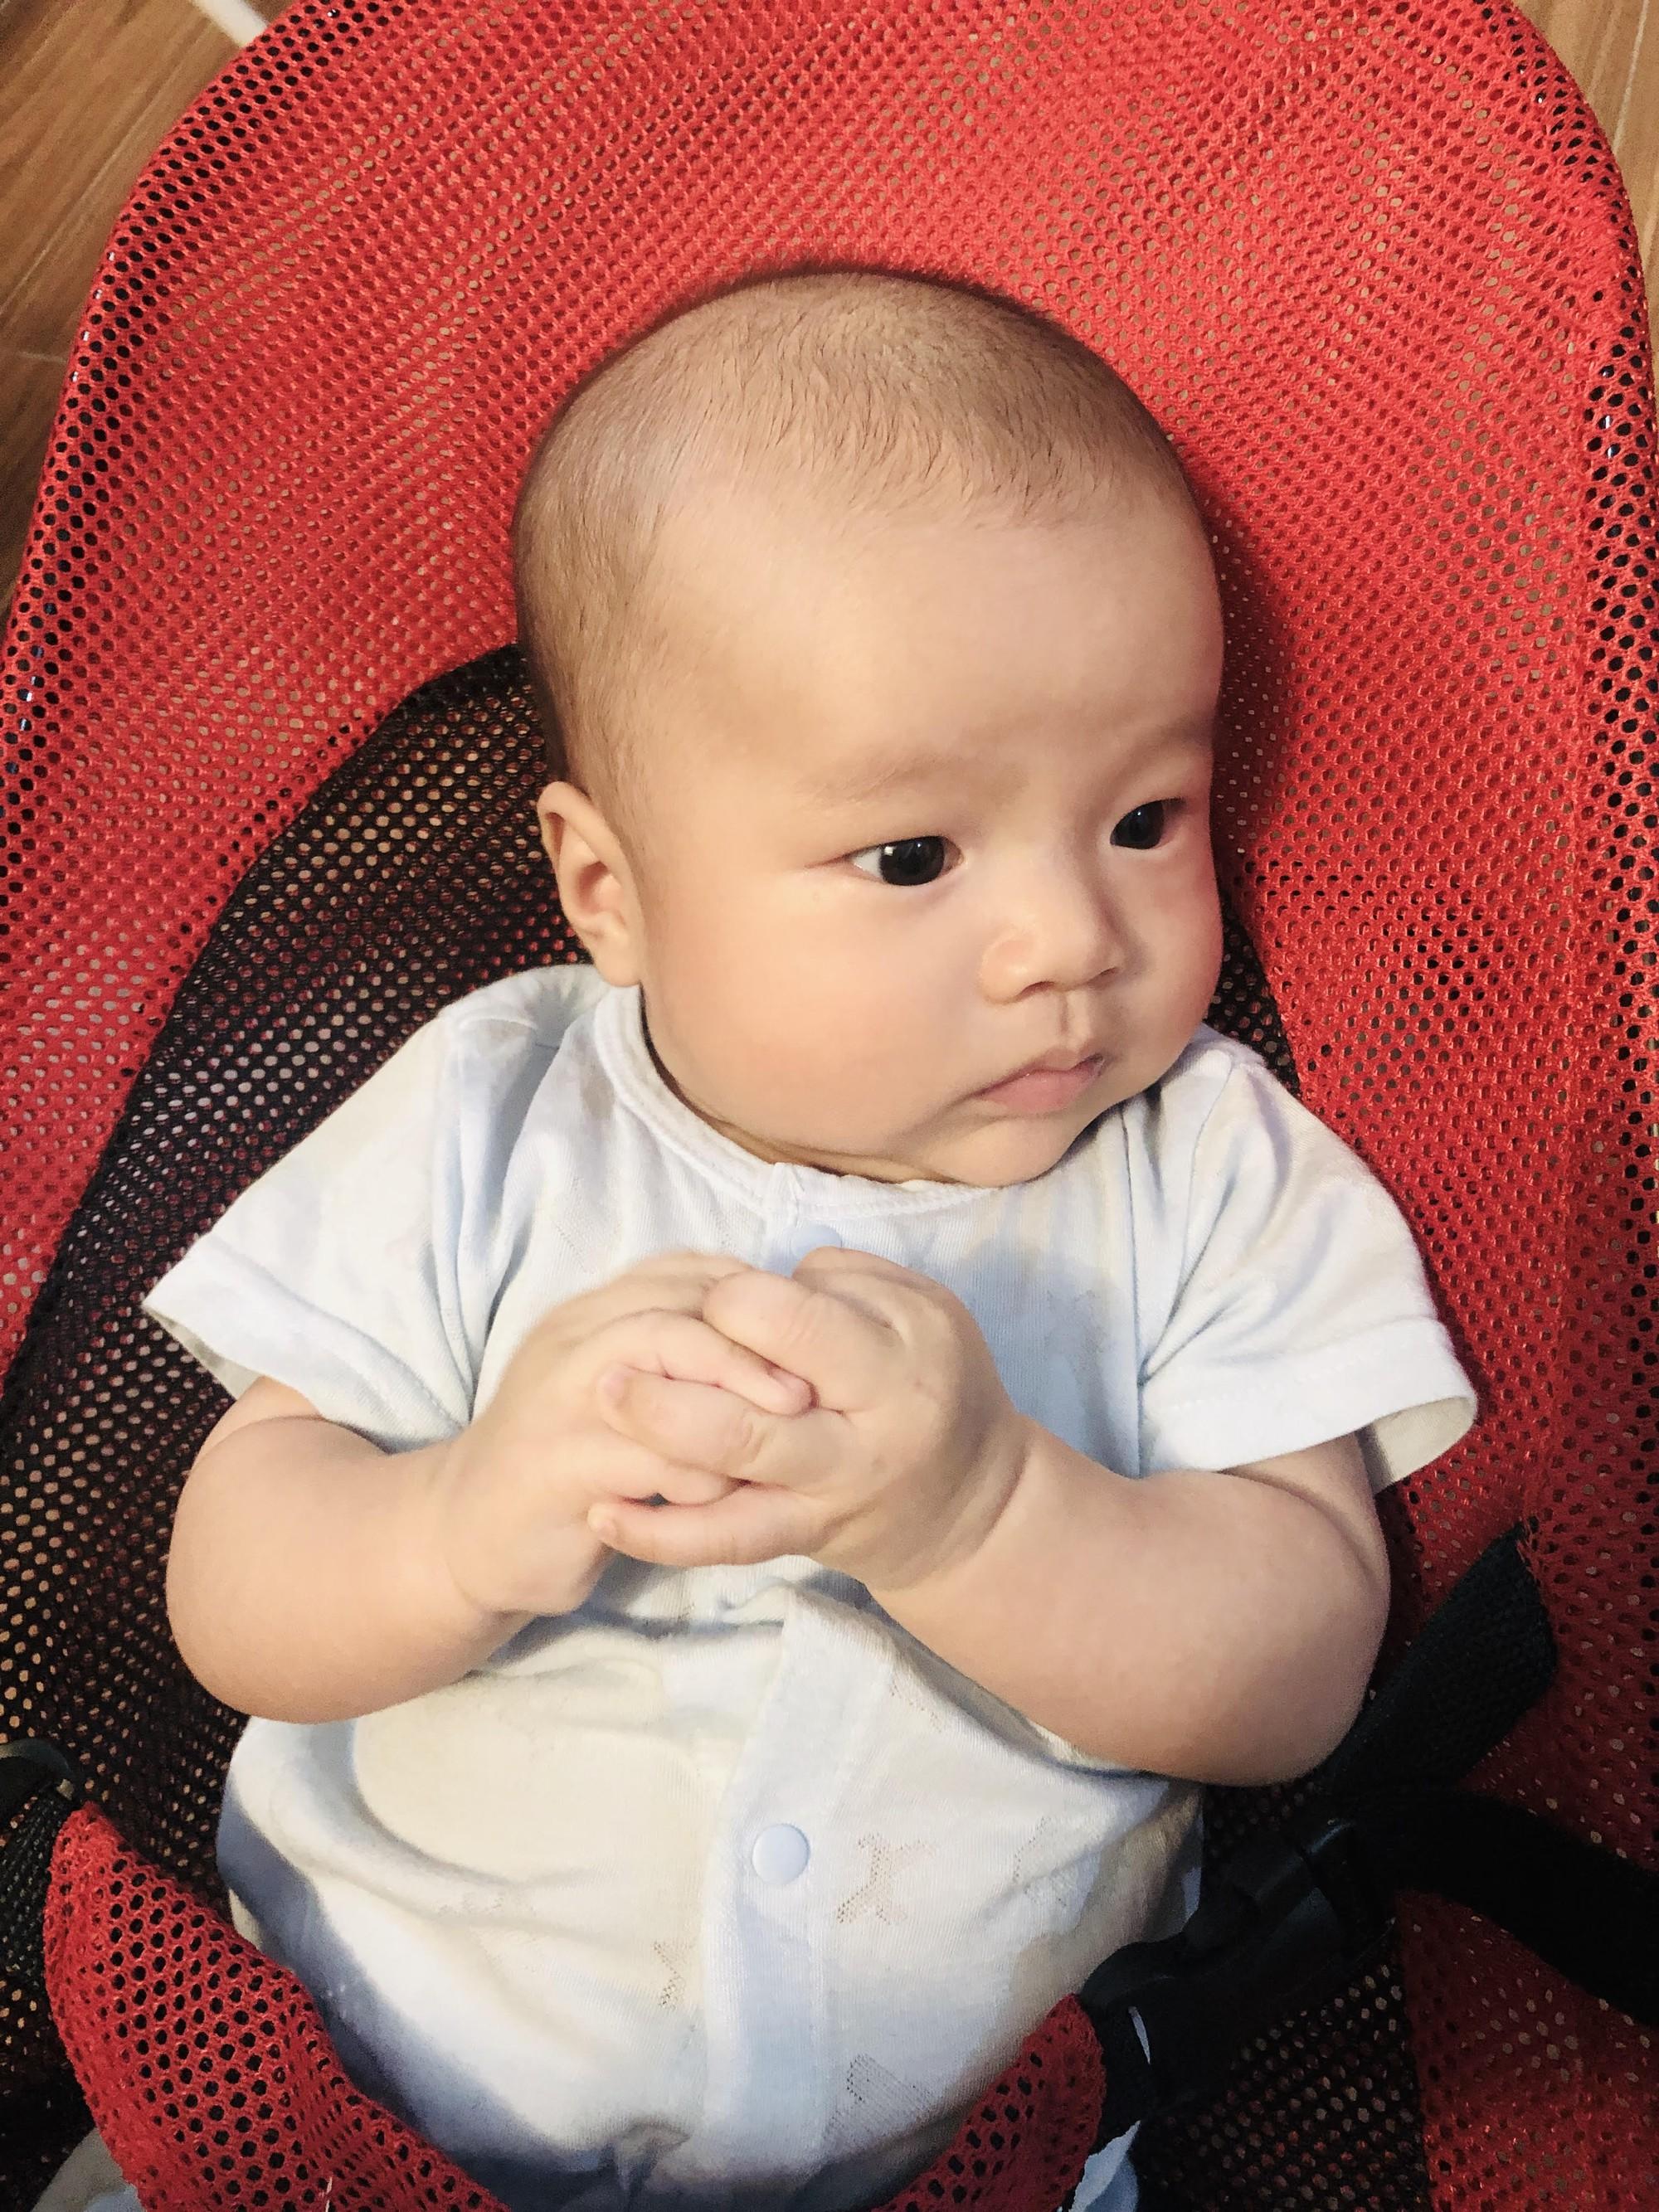 Thiết lập giờ sinh hoạt, mẹ Hà Nội luyện ngủ cho con êm ru từ khi hơn 2 tháng tuổi - Ảnh 3.